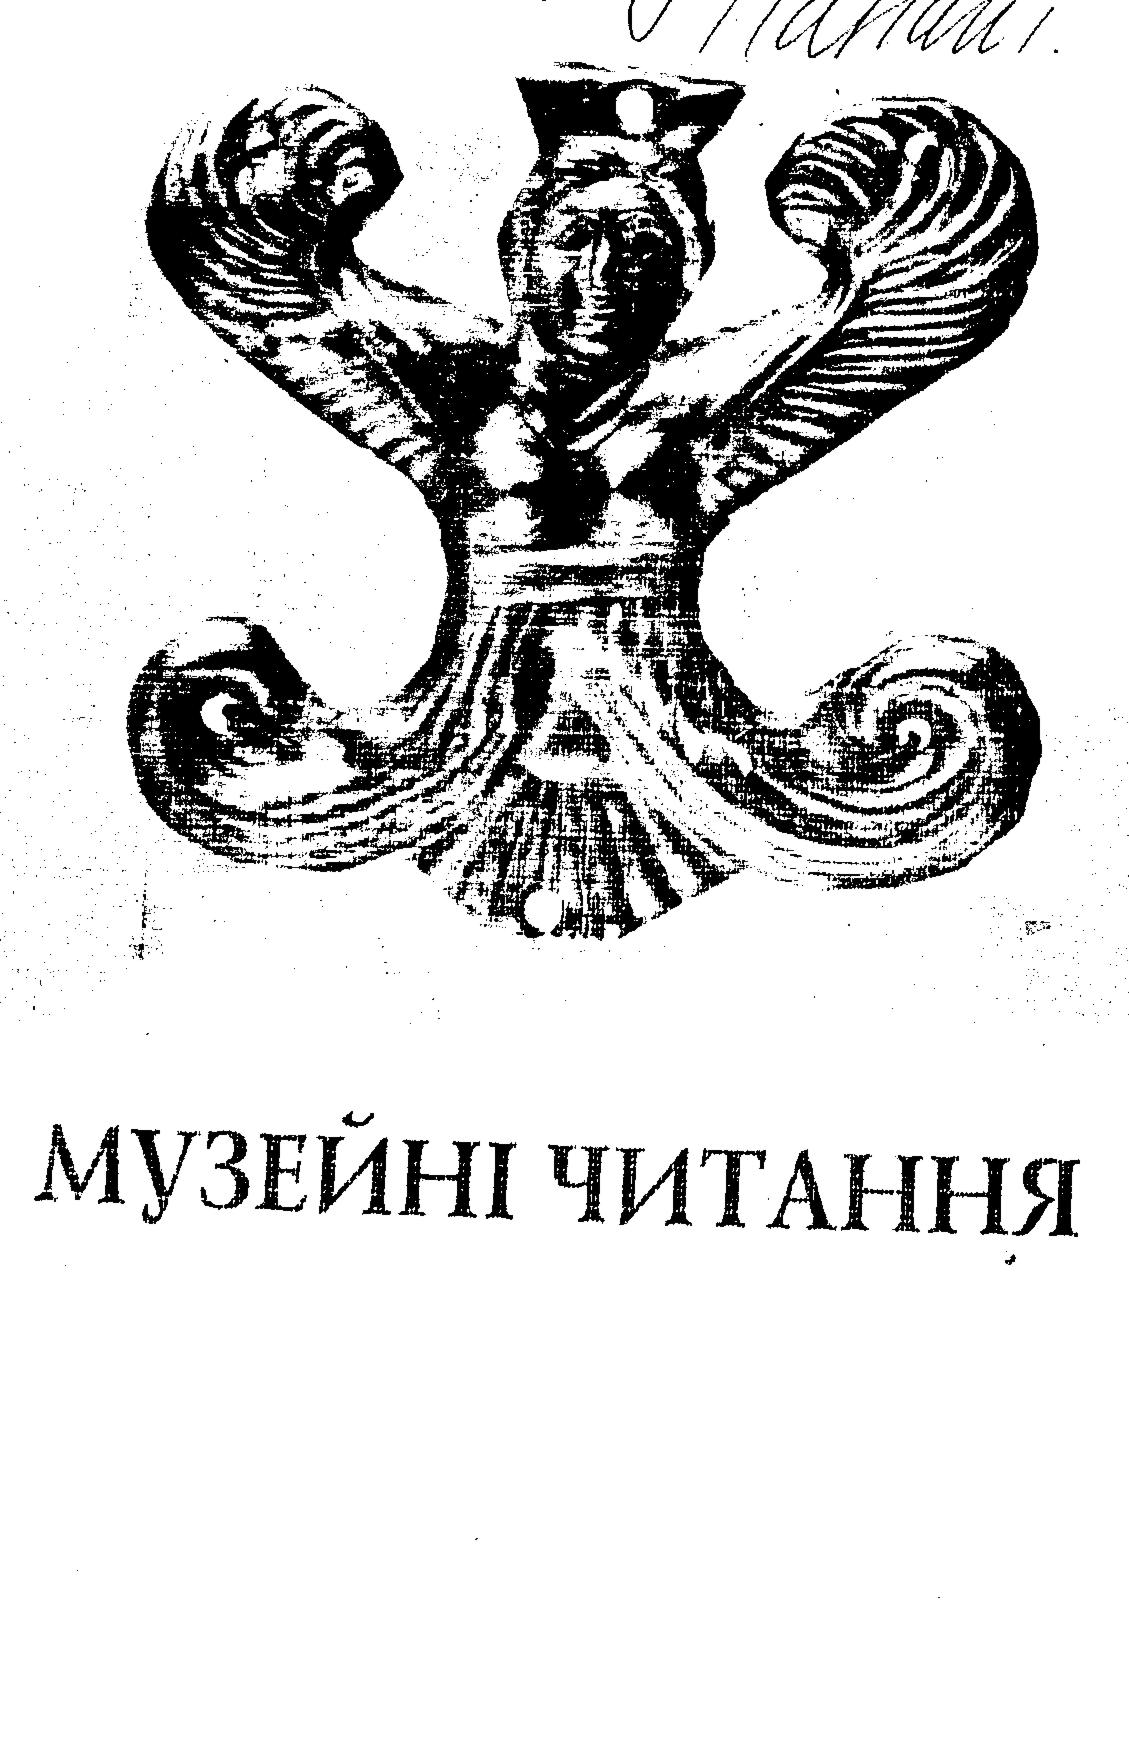 mini magick 13jz451